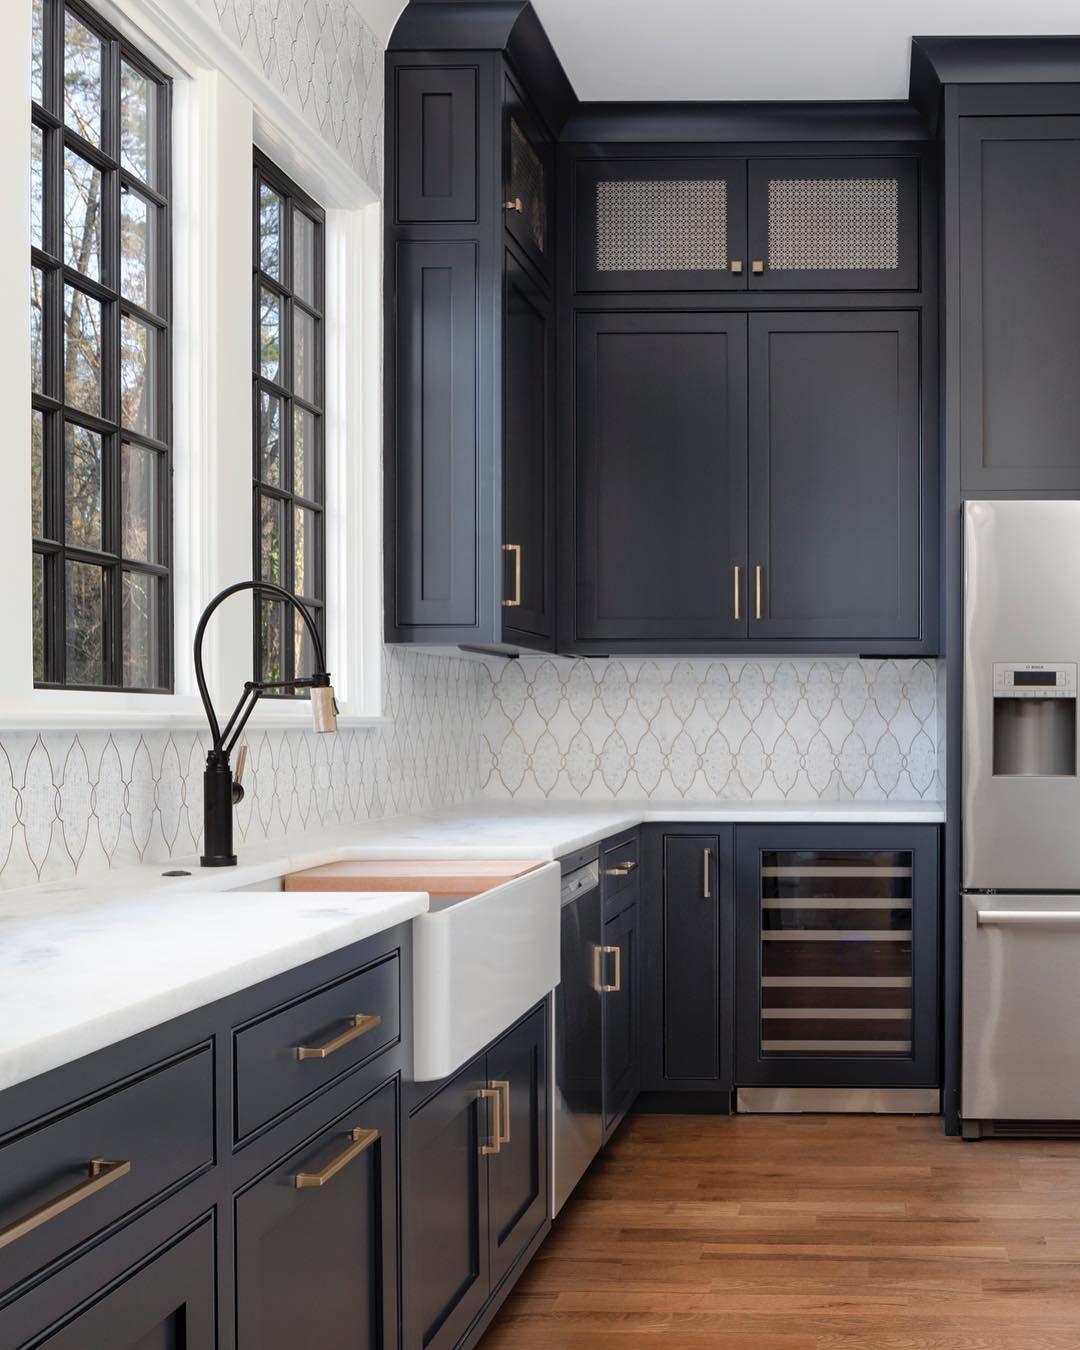 Interior Design Interior Design Ideas Living Room Decor Living Room Ideas Living Room Designs Kitchen Design White Kitchen Design Dark Blue Kitchens